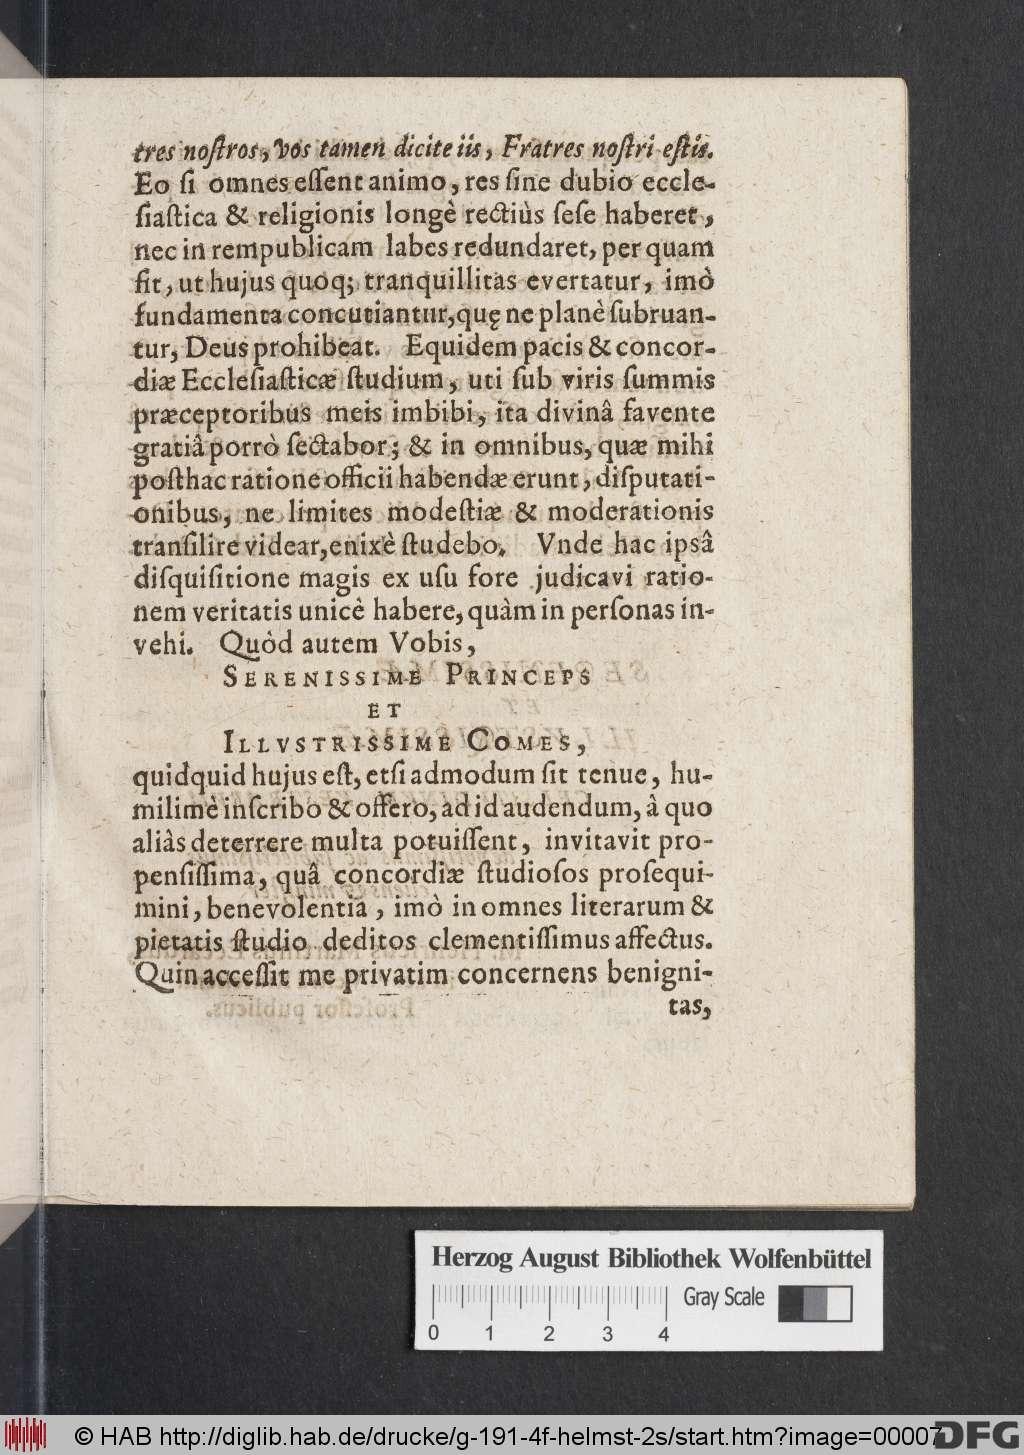 http://diglib.hab.de/drucke/g-191-4f-helmst-2s/00007.jpg